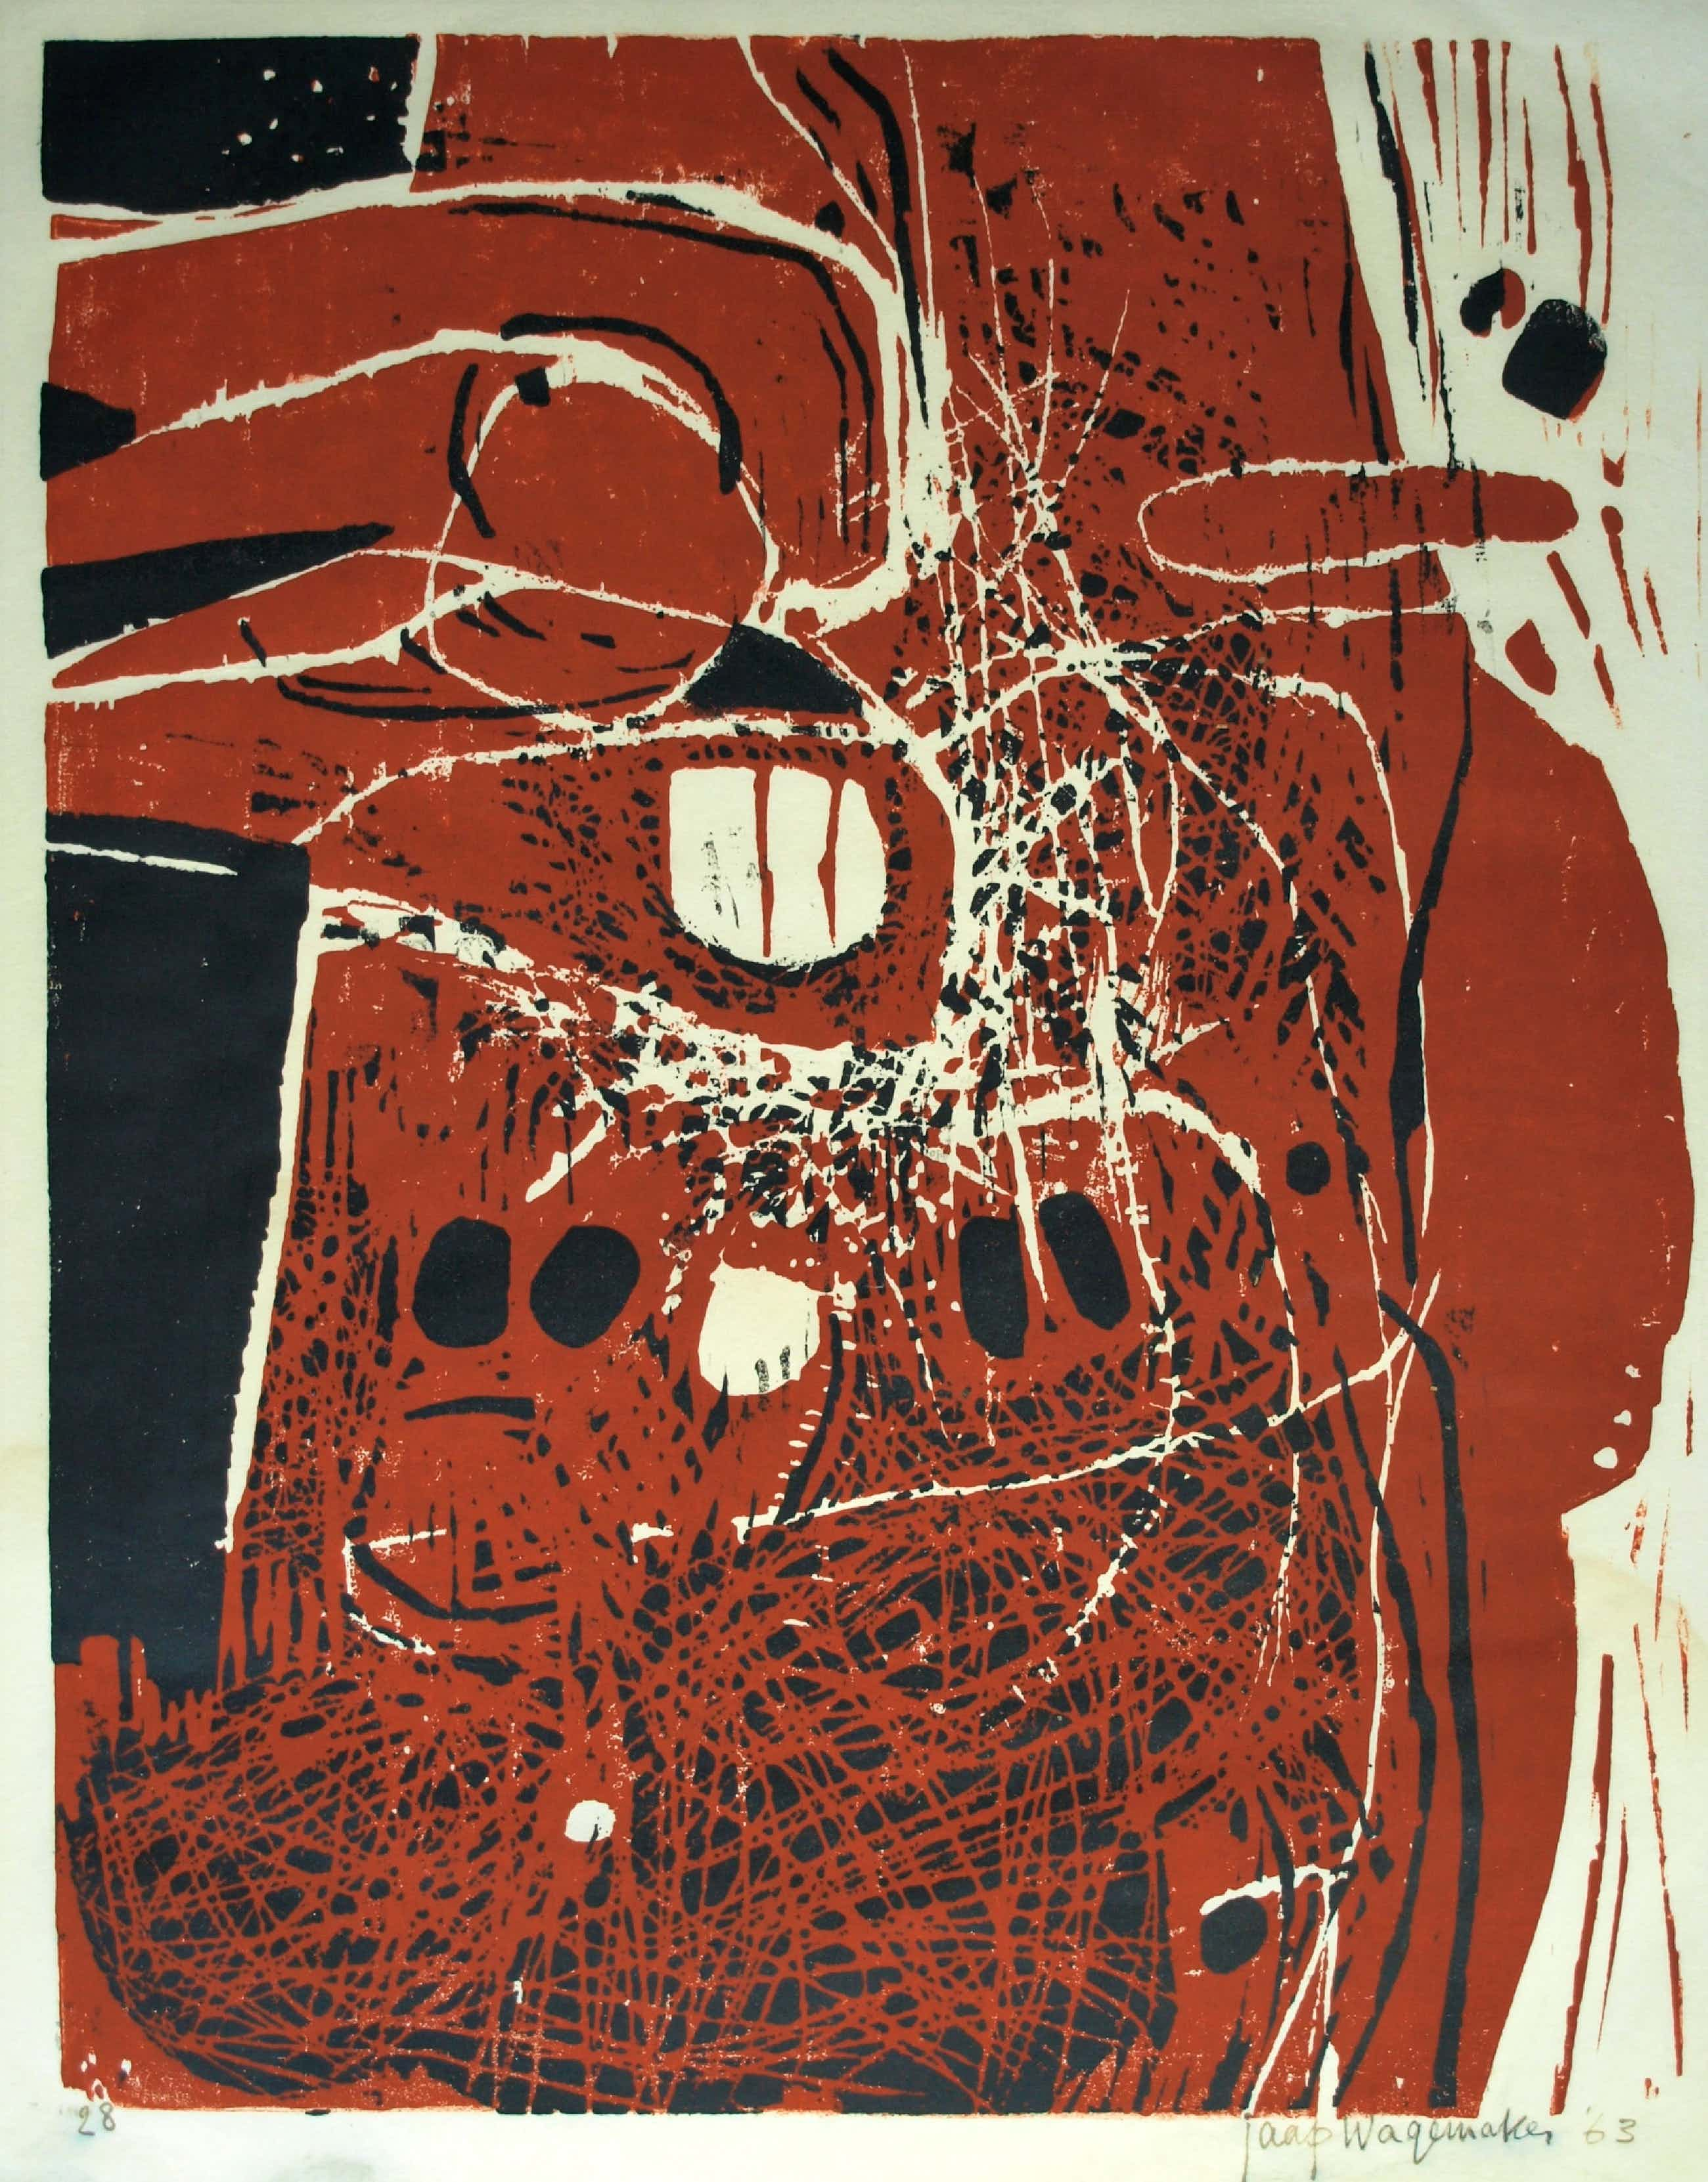 Jaap Wagemaker - Handgesigneerde houtsnede op Japans papier, Compositie - 1963 kopen? Bied vanaf 200!